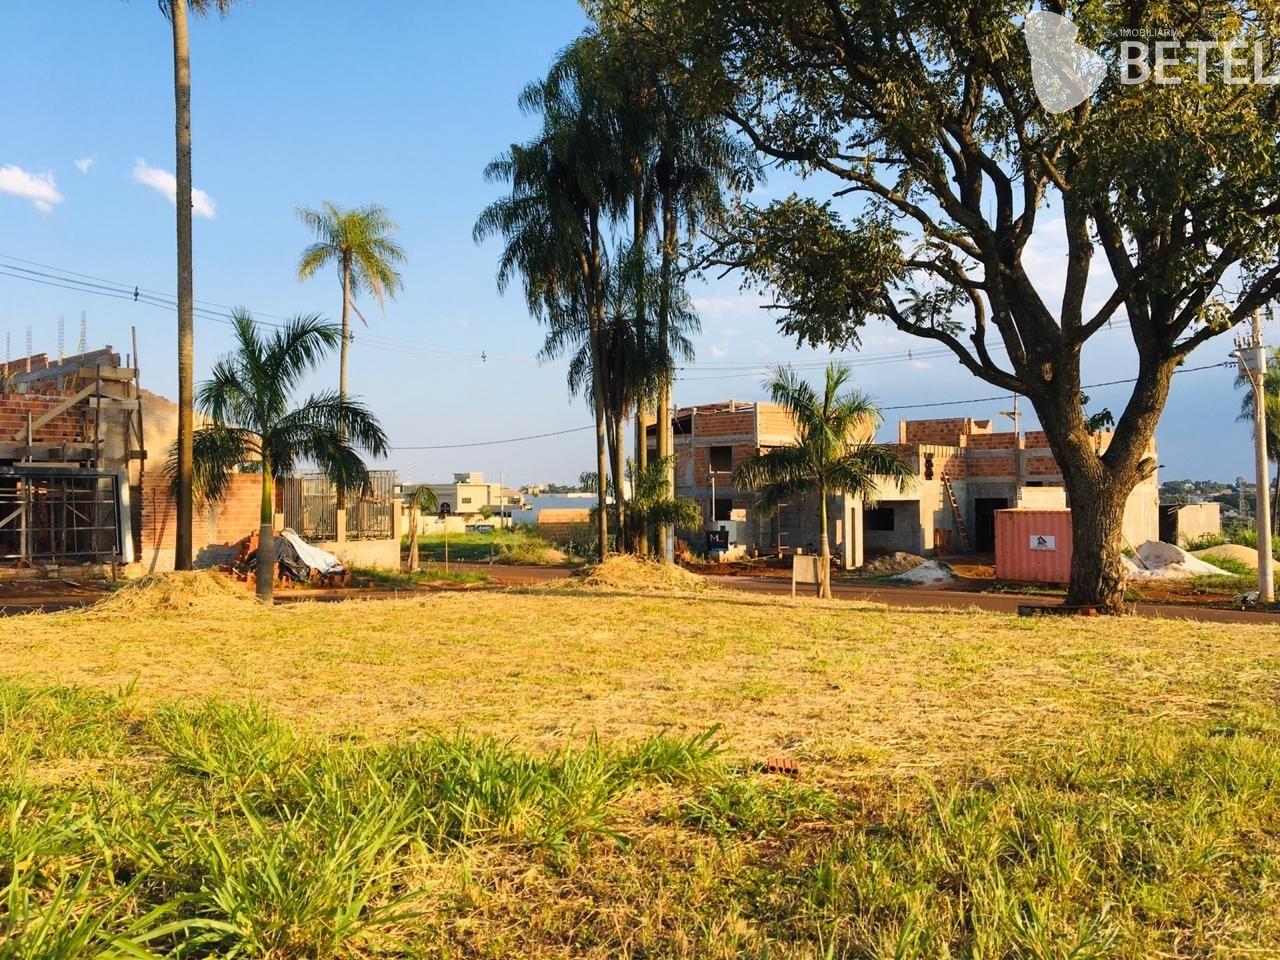 Terreno/Lote à venda  no Jardim das Palmeiras - Dourados, MS. Imóveis